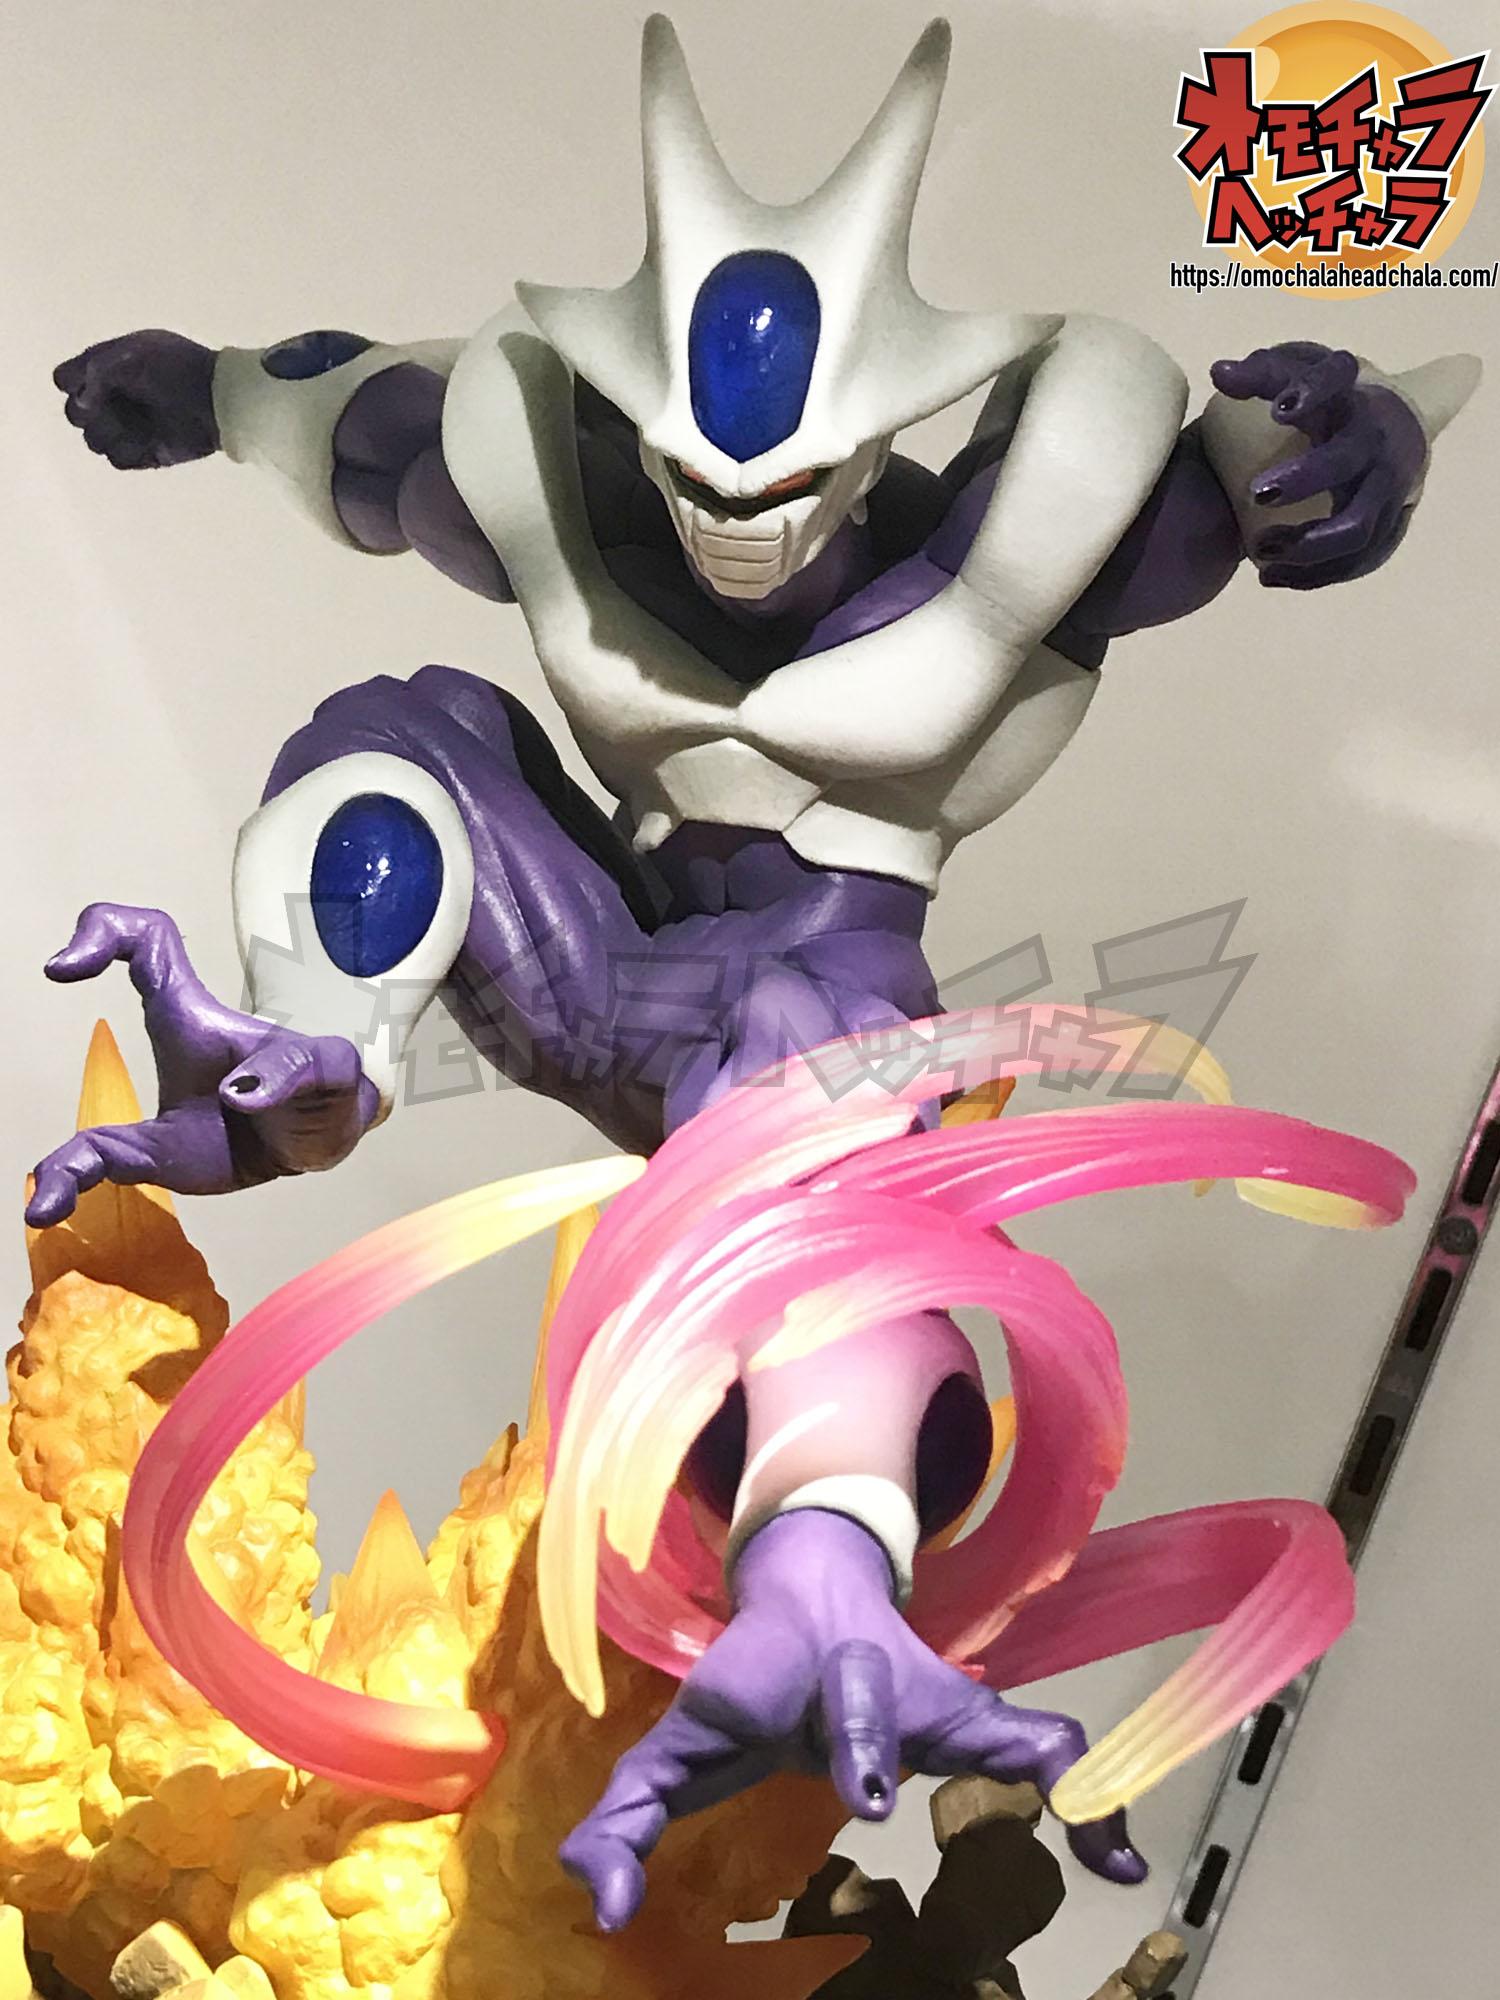 ドラゴンボールフィギュアレビューブログの超激戦フィギュアーツZEROのクウラ -最終形態-